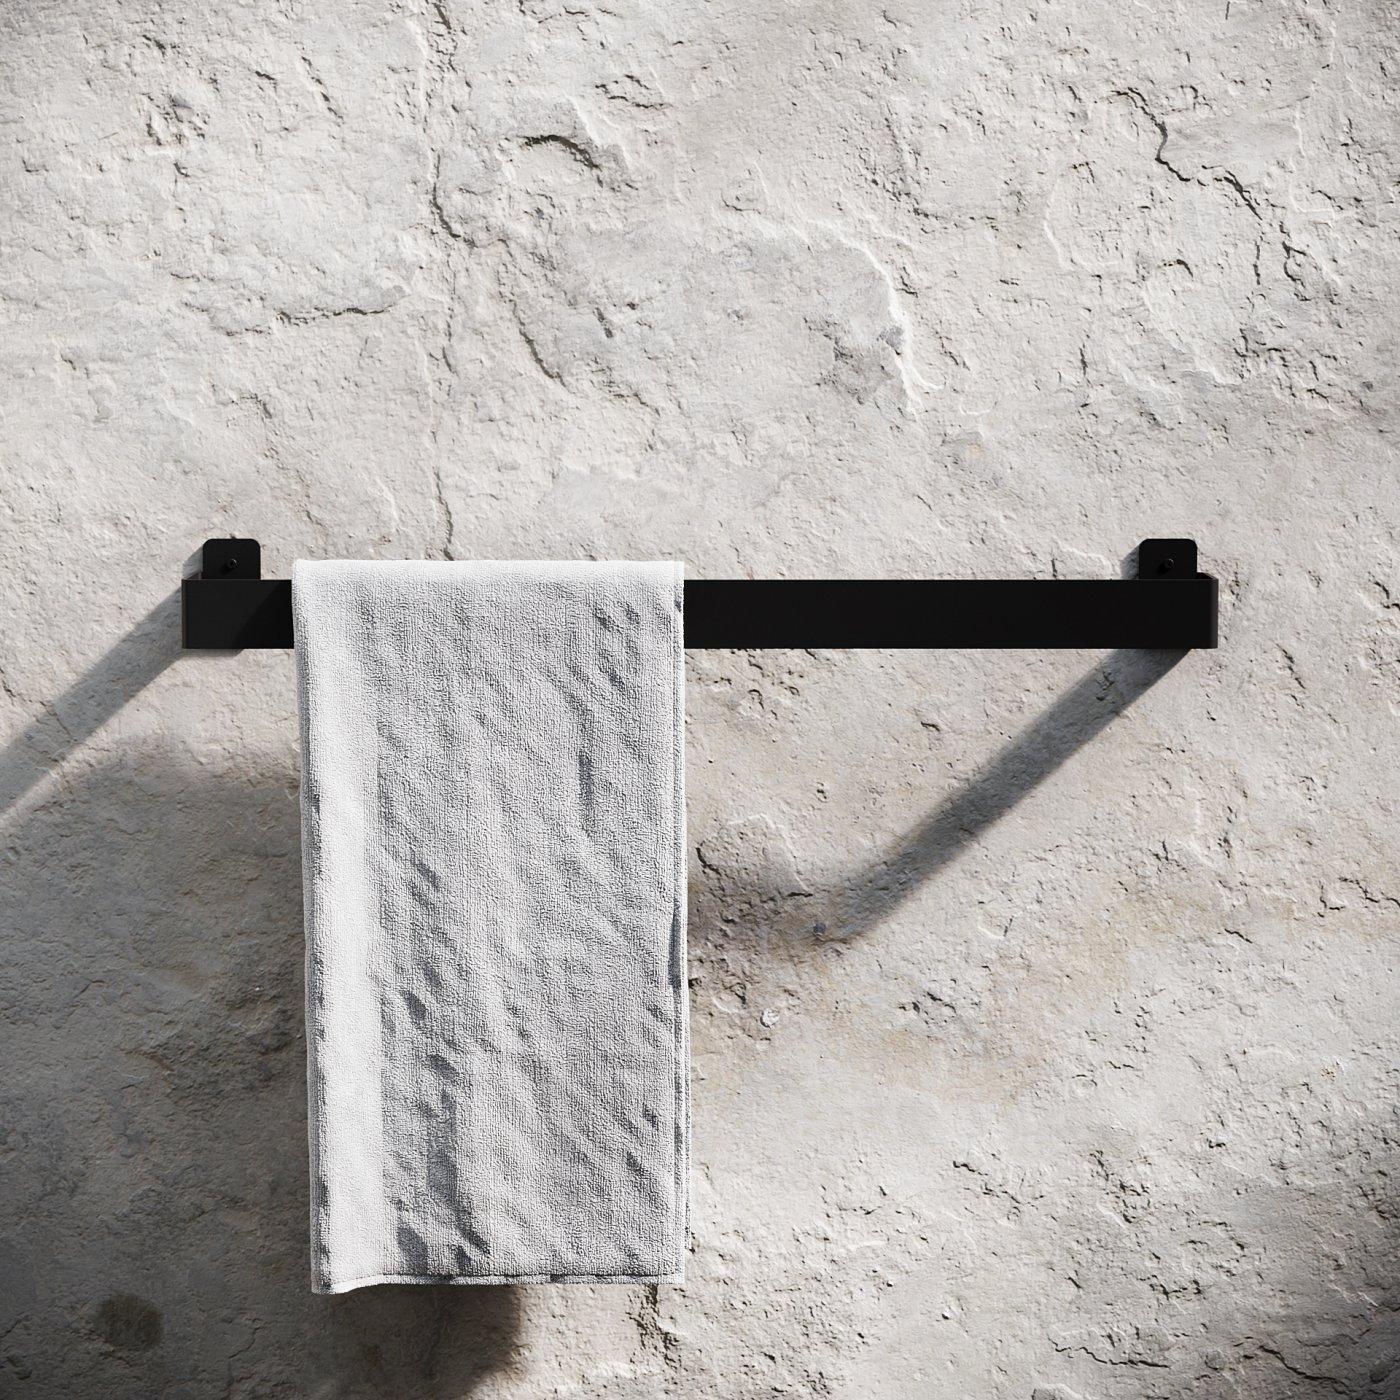 stang til å henge håndklær på festet på murvegg